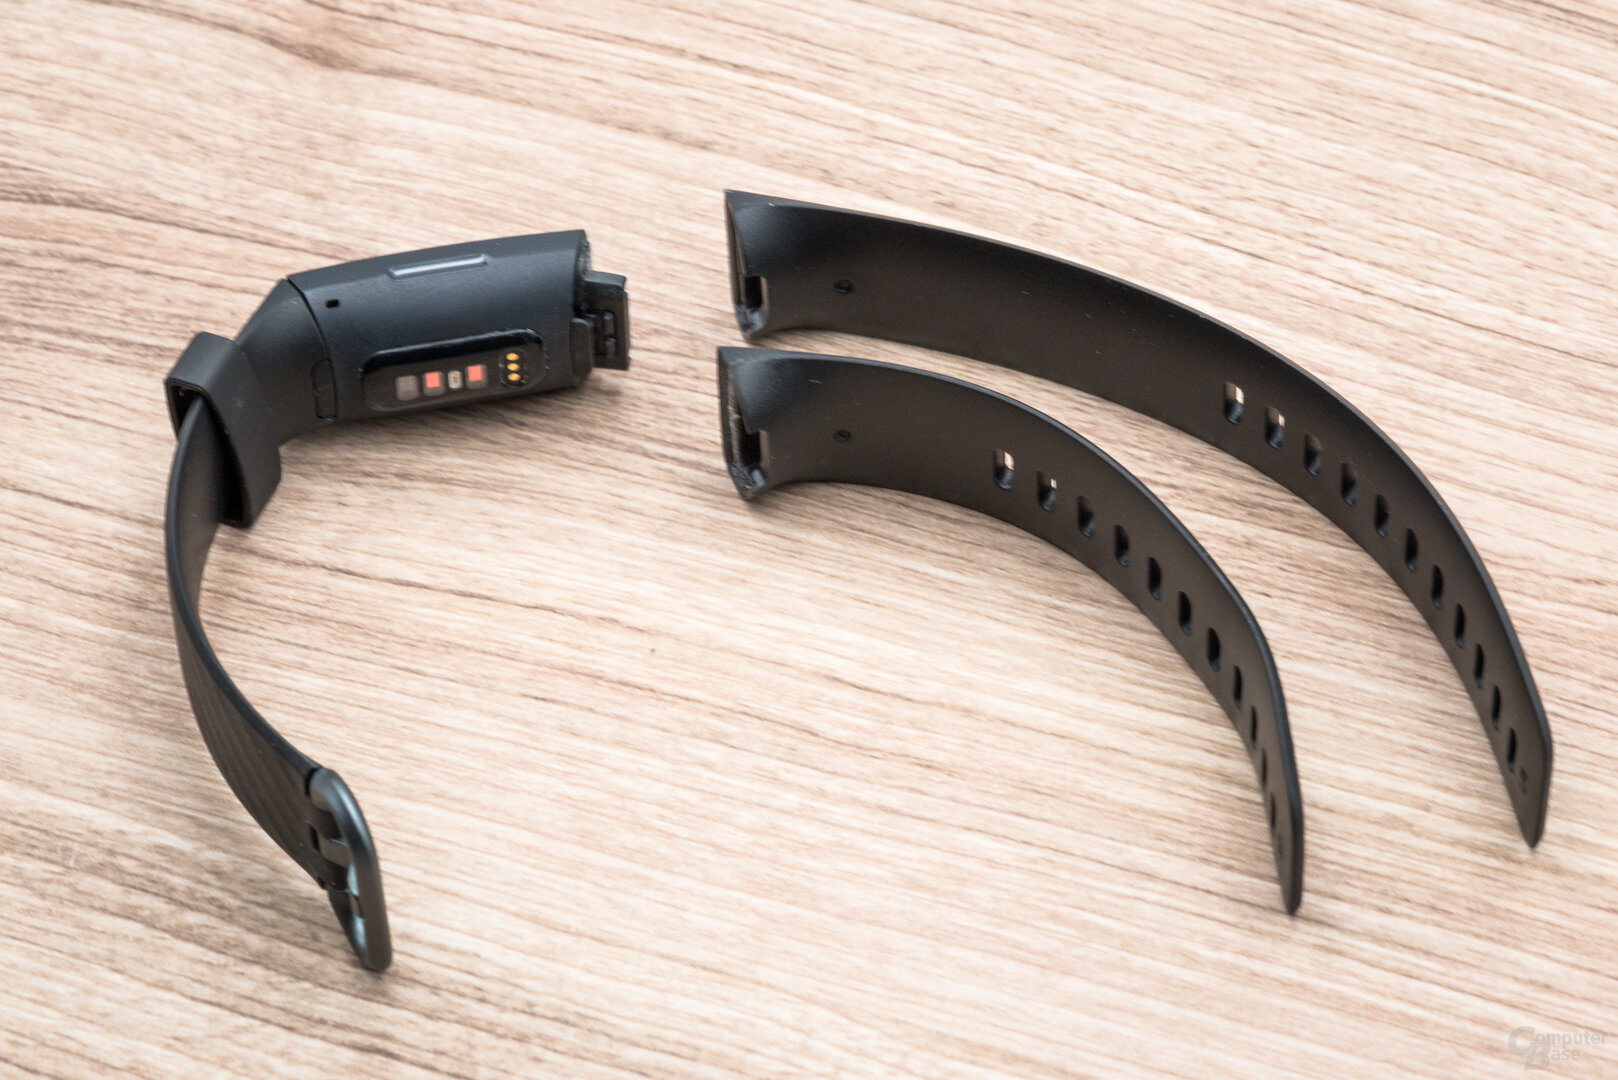 Fitbit Charge 4 im Test: Zwei Armbandlängen im Lieferumfang